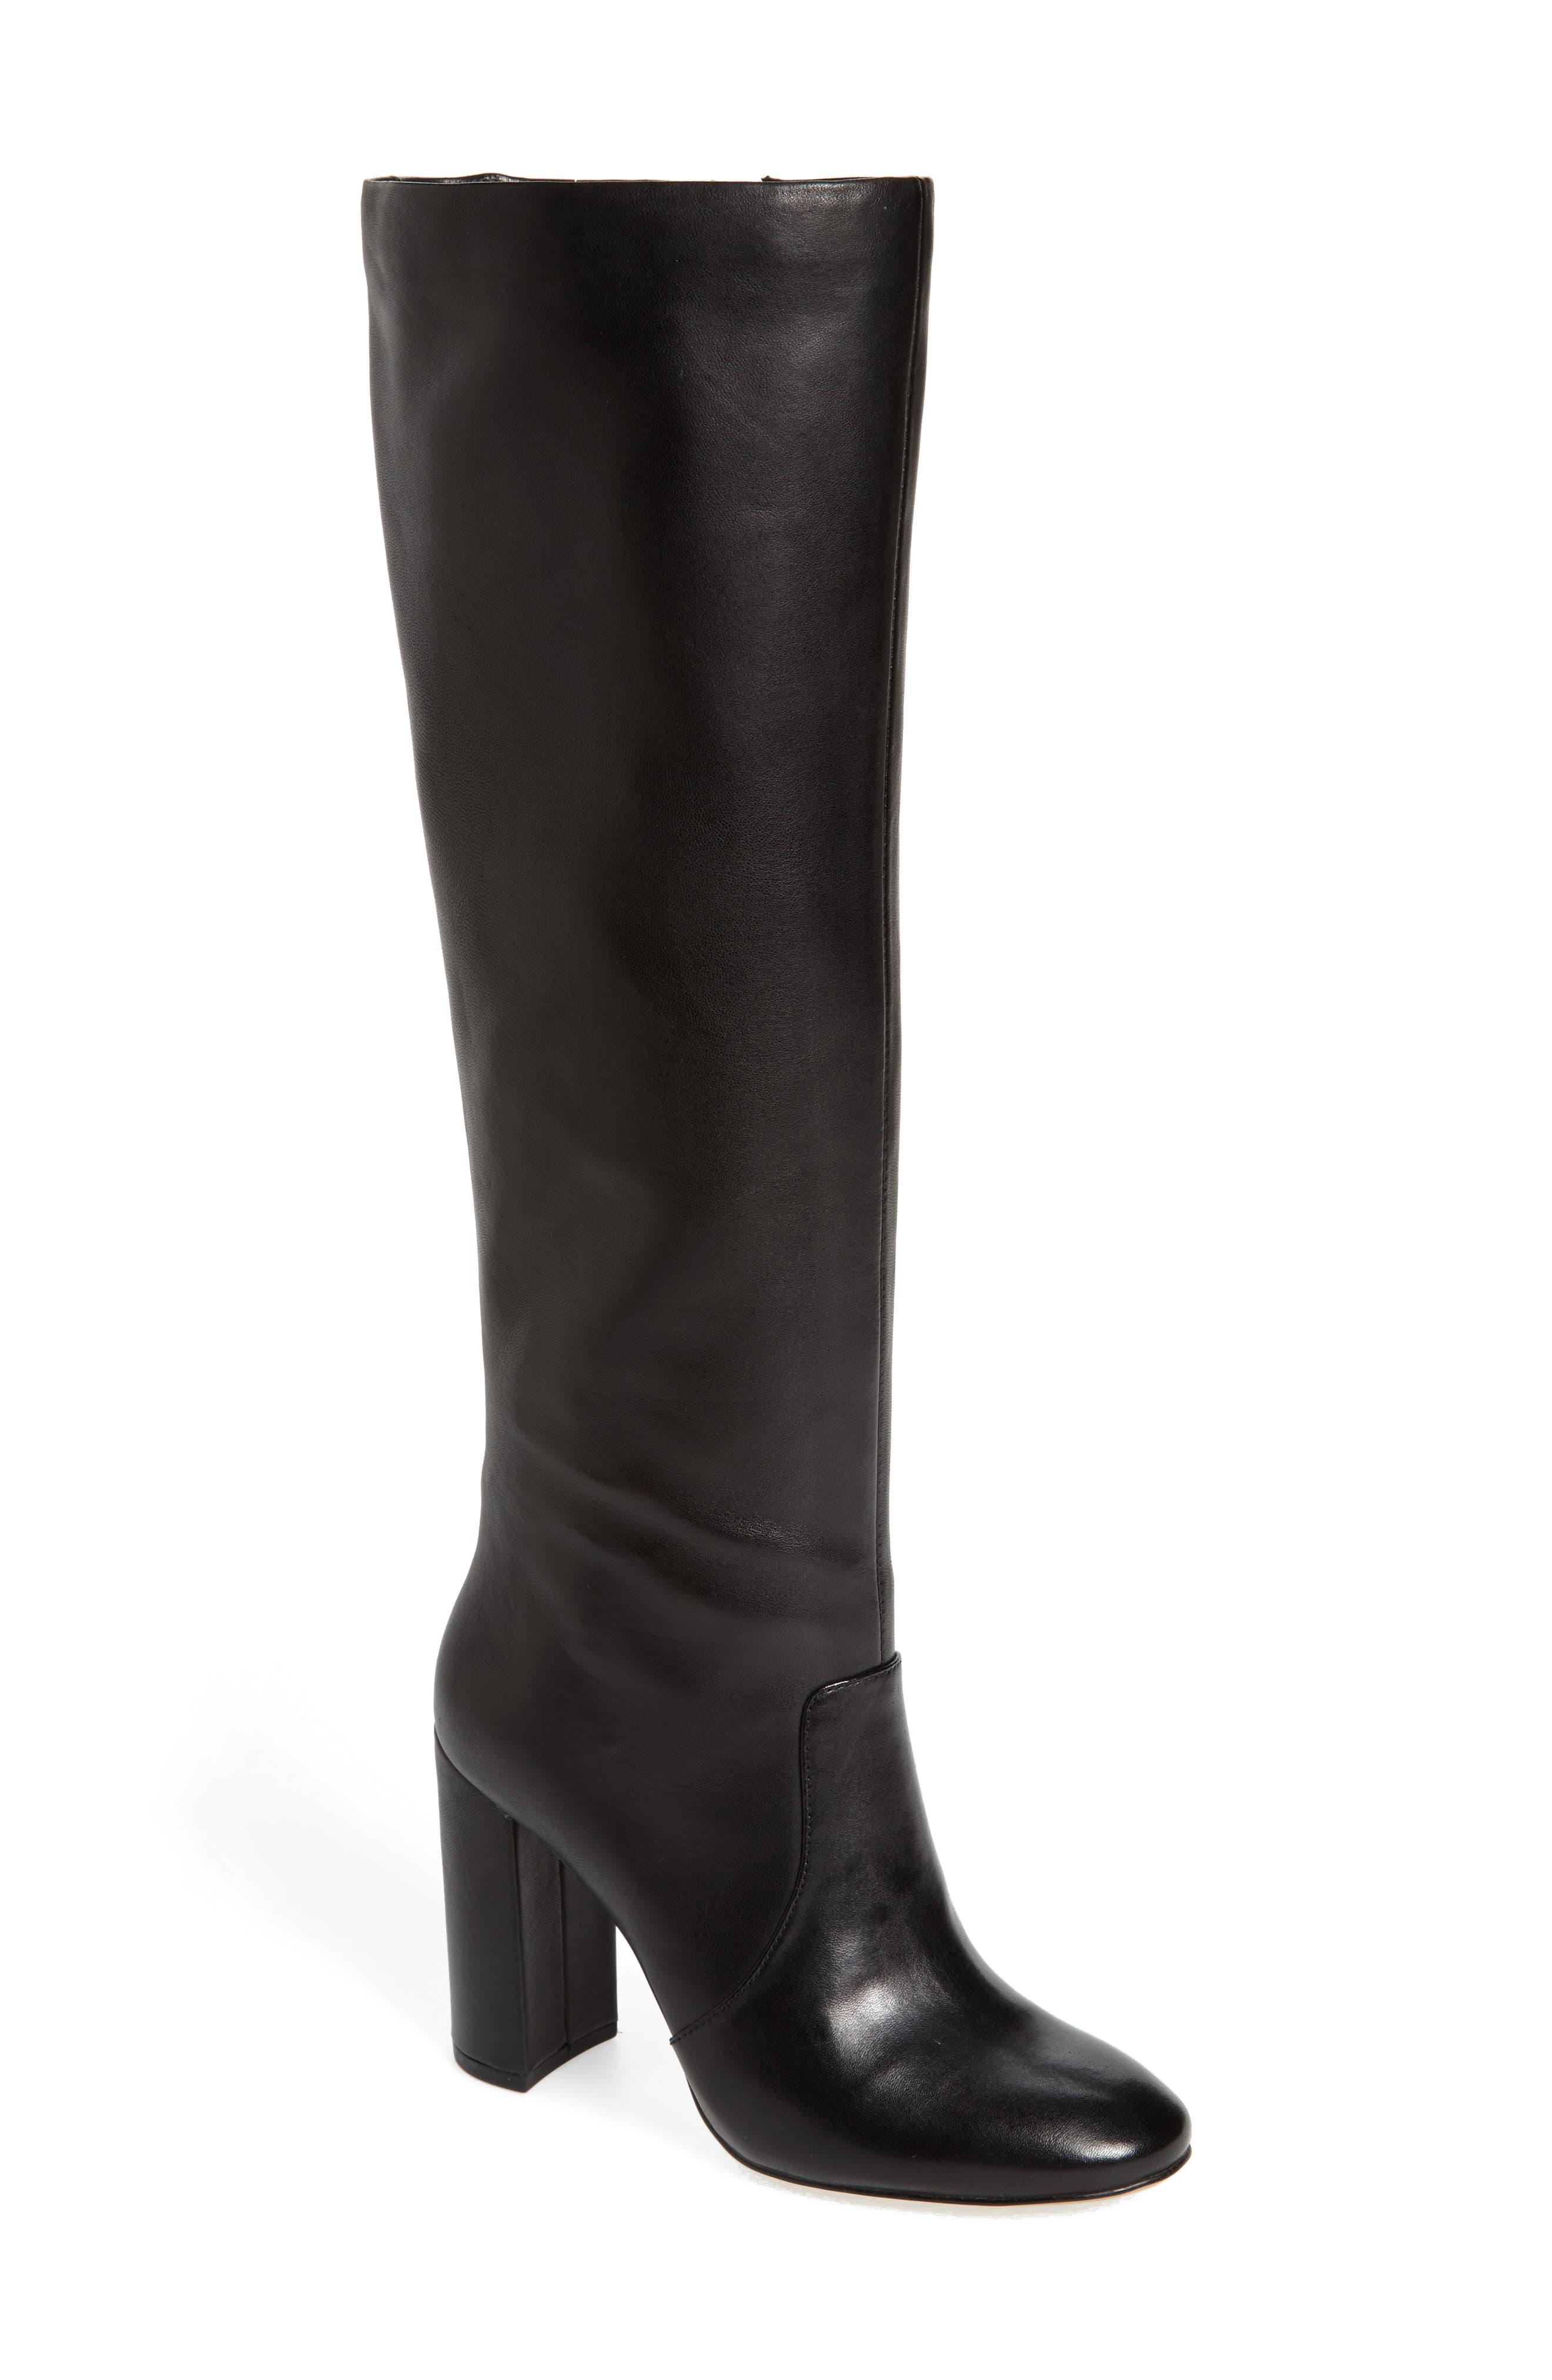 Alternate Image 1 Selected - Botkier Roslin Knee High Boot (Women)